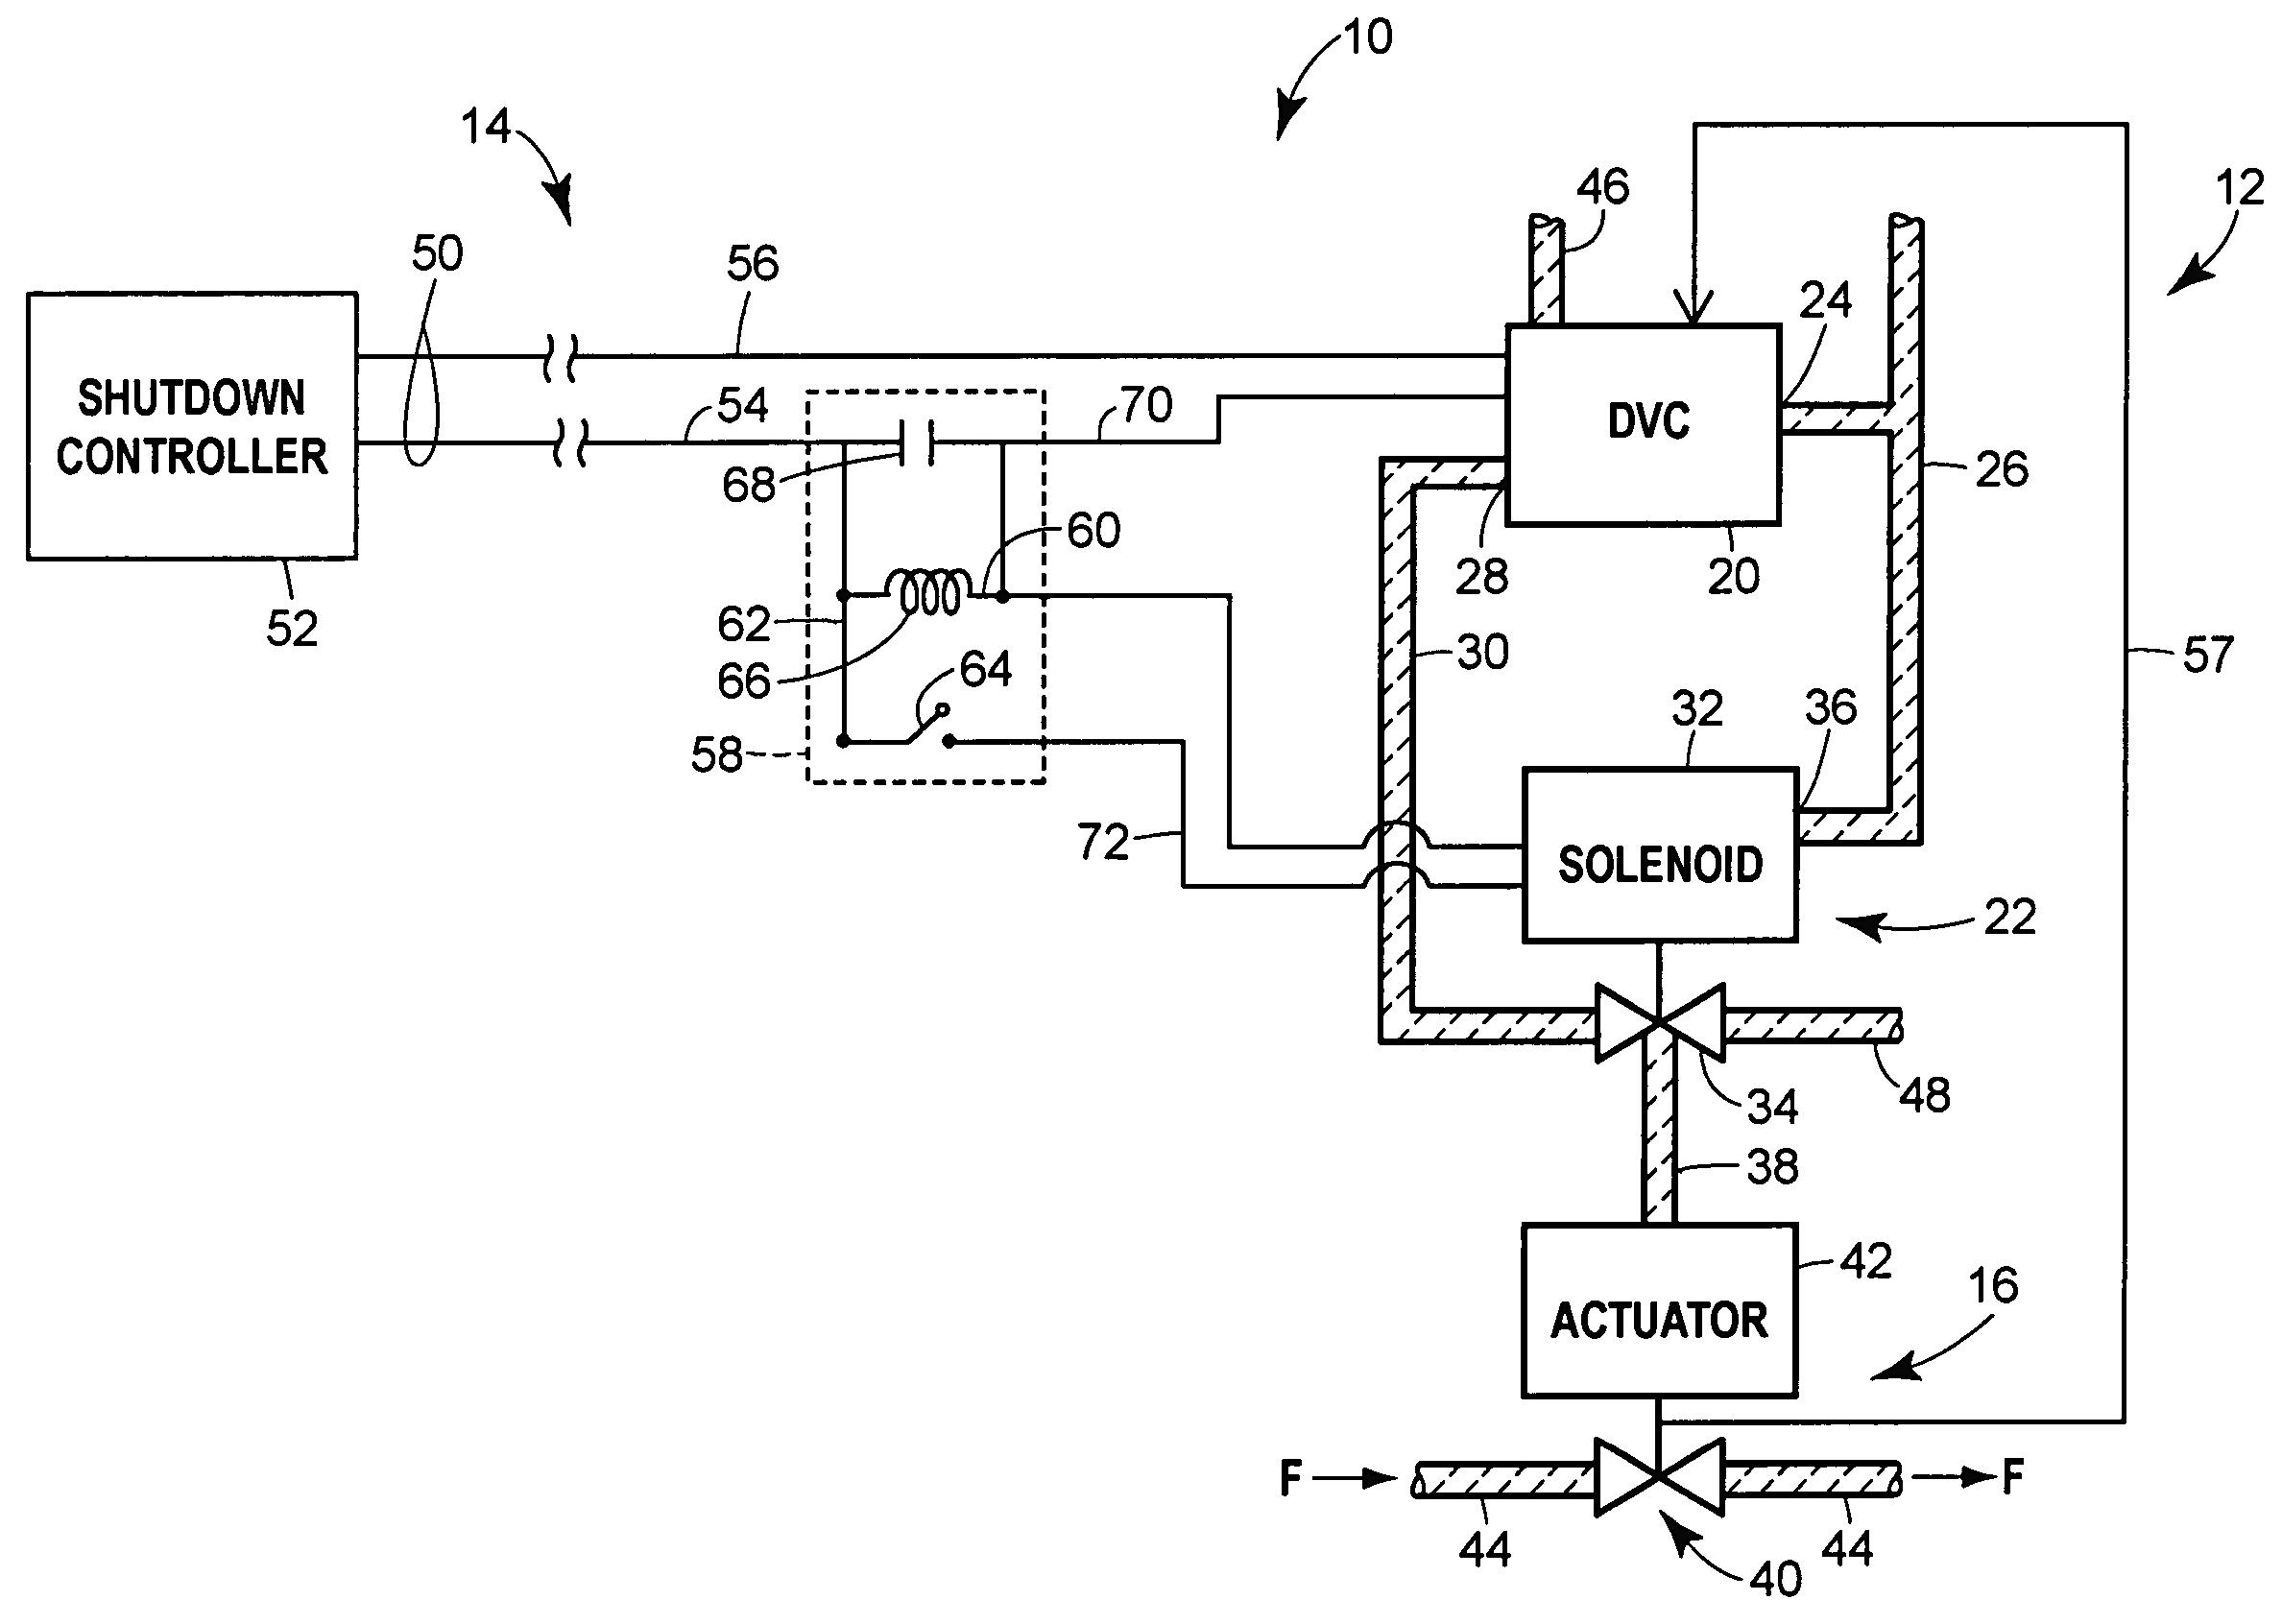 Lowrider Hydraulics Wiring Diagram - Wiring Diagram Library - 12 Volt Hydraulic Pump Wiring Diagram